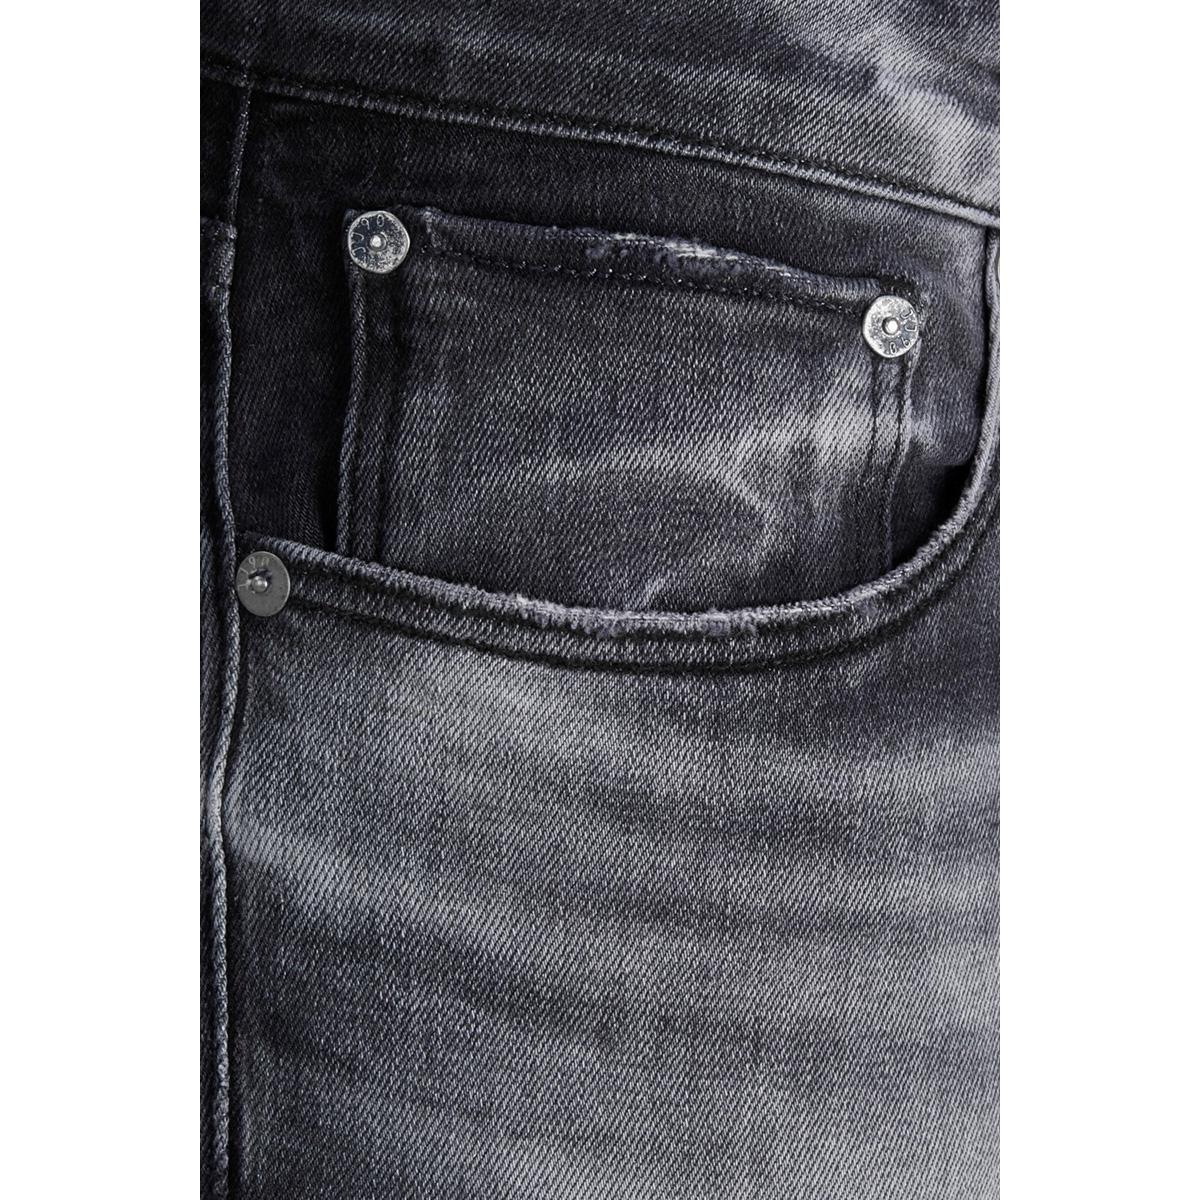 jjitim jjicon jj 171 noos 12159163 jack & jones jeans black denim